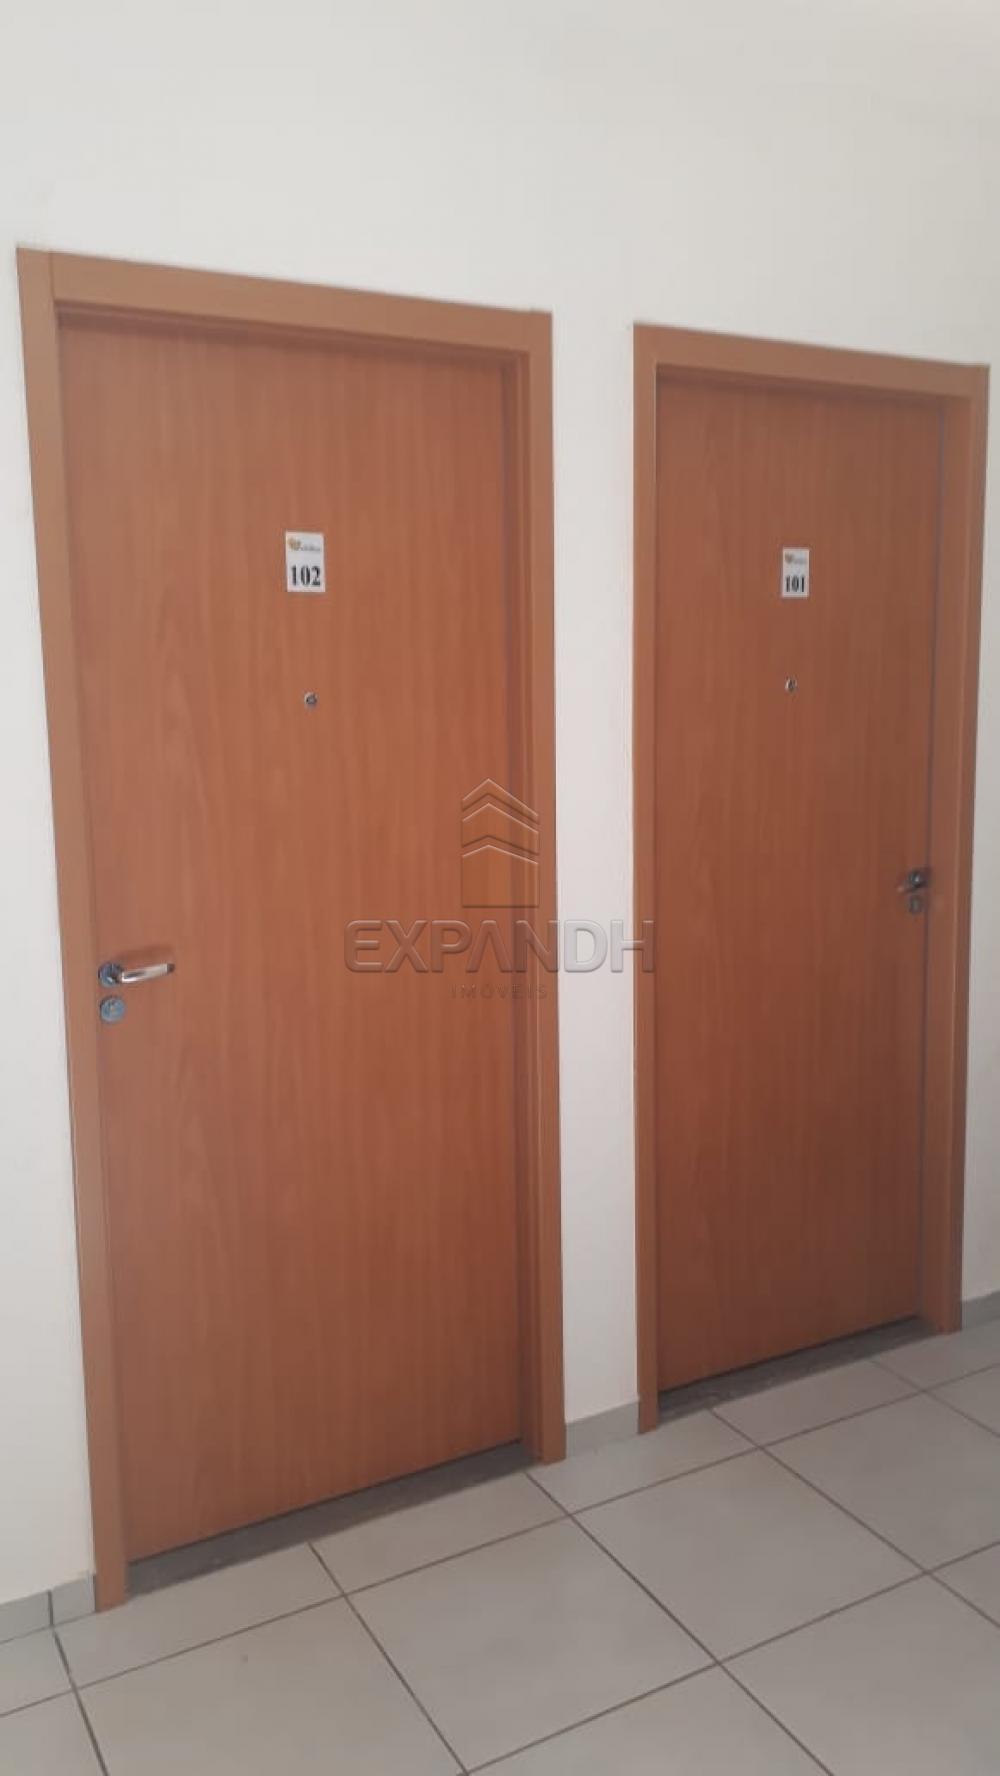 Comprar Apartamentos / Padrão em Sertãozinho apenas R$ 138.900,00 - Foto 15